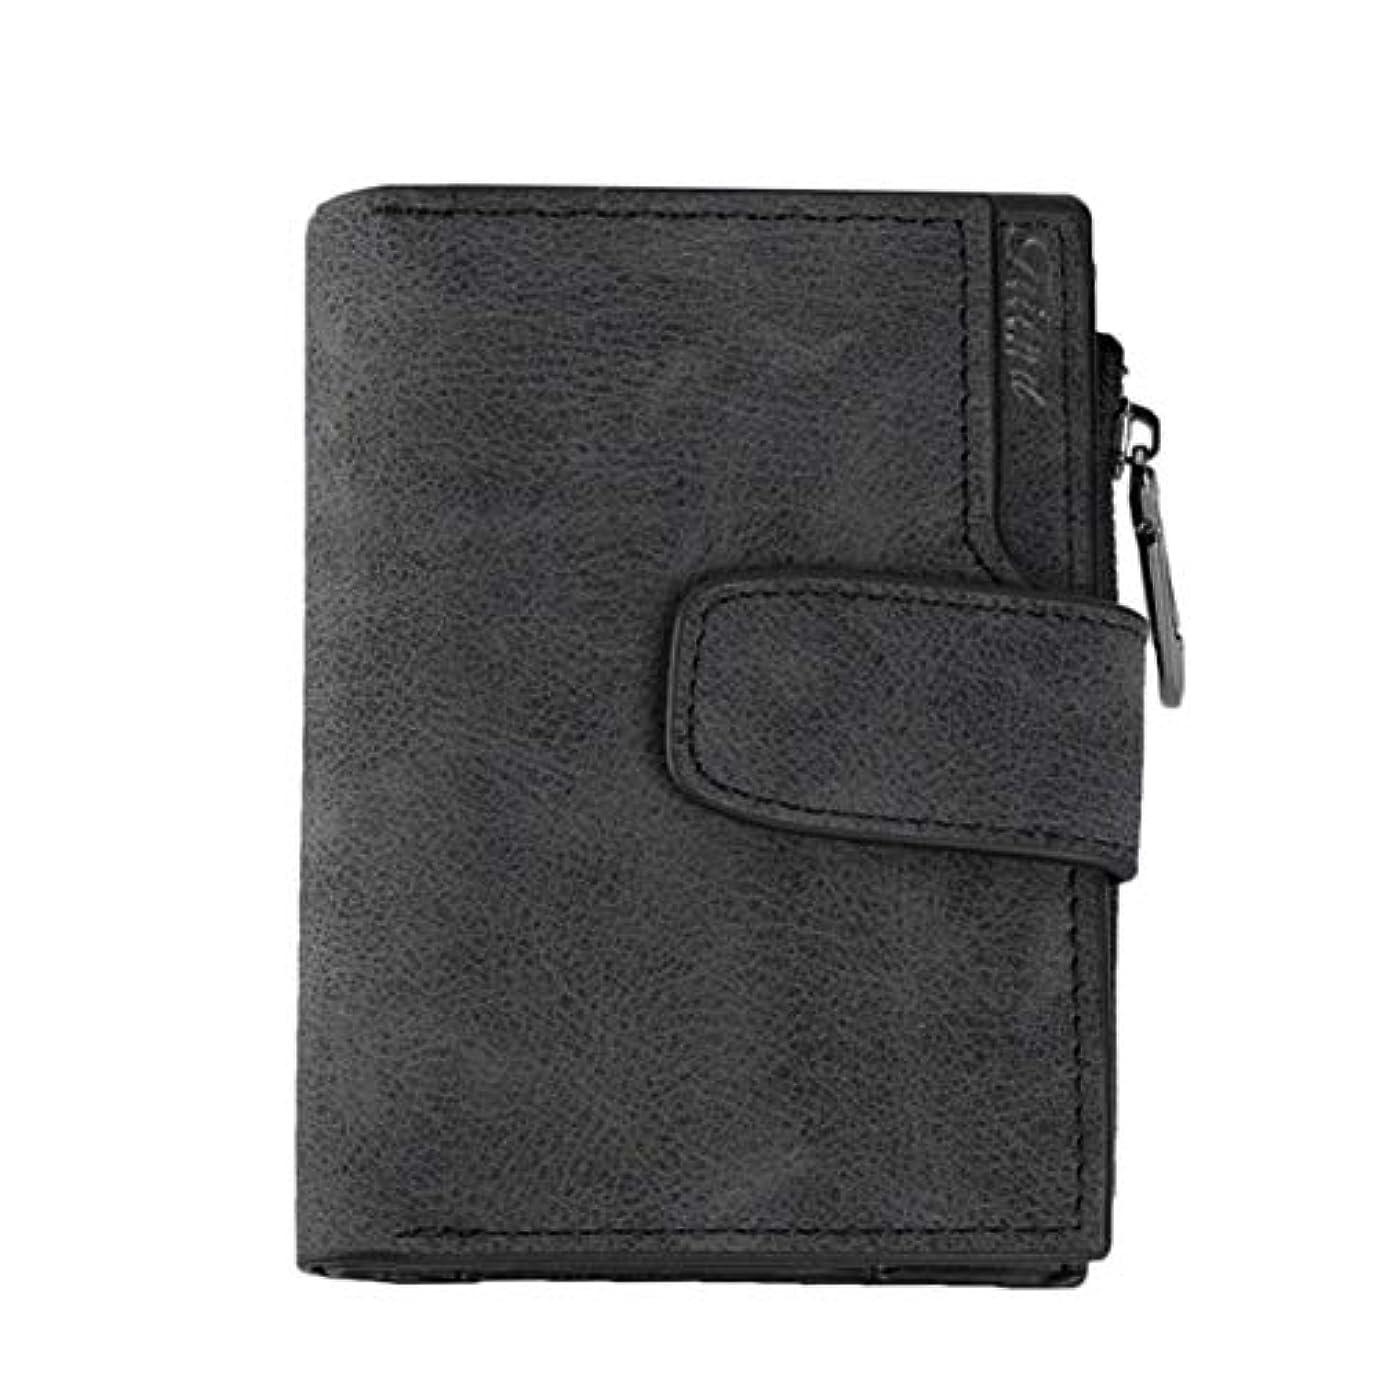 賢いめまいが工場ヴィンテージデザインジッパー掛け金財布女性革女性財布コインクレジットカードホルダーショート財布レディークラッチマットウォレット-ブラック